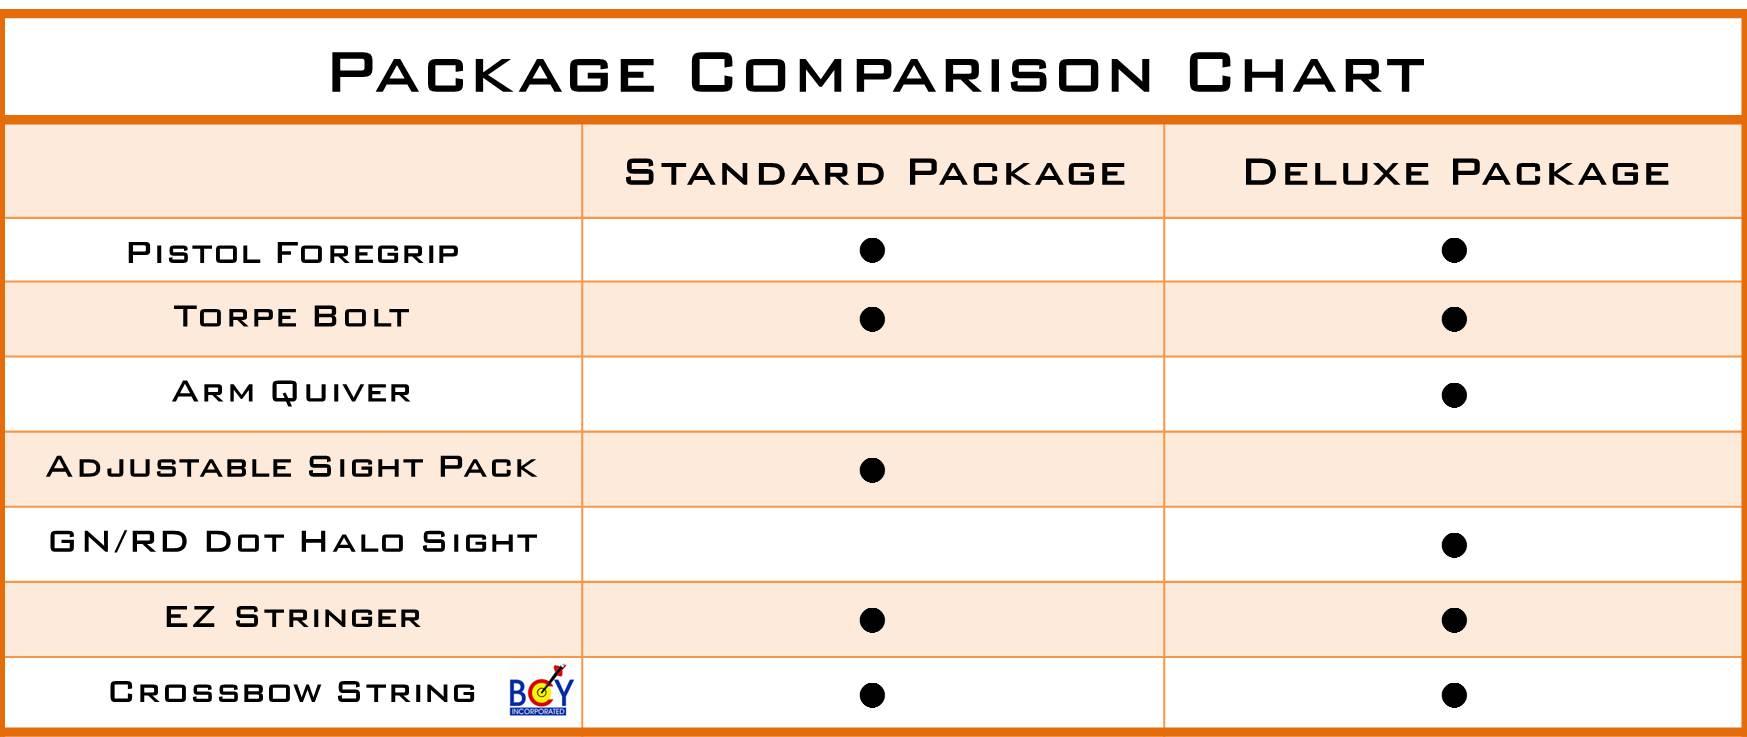 Redback - Product - COMBIS SPORT ENTERPRISE CO , LTD